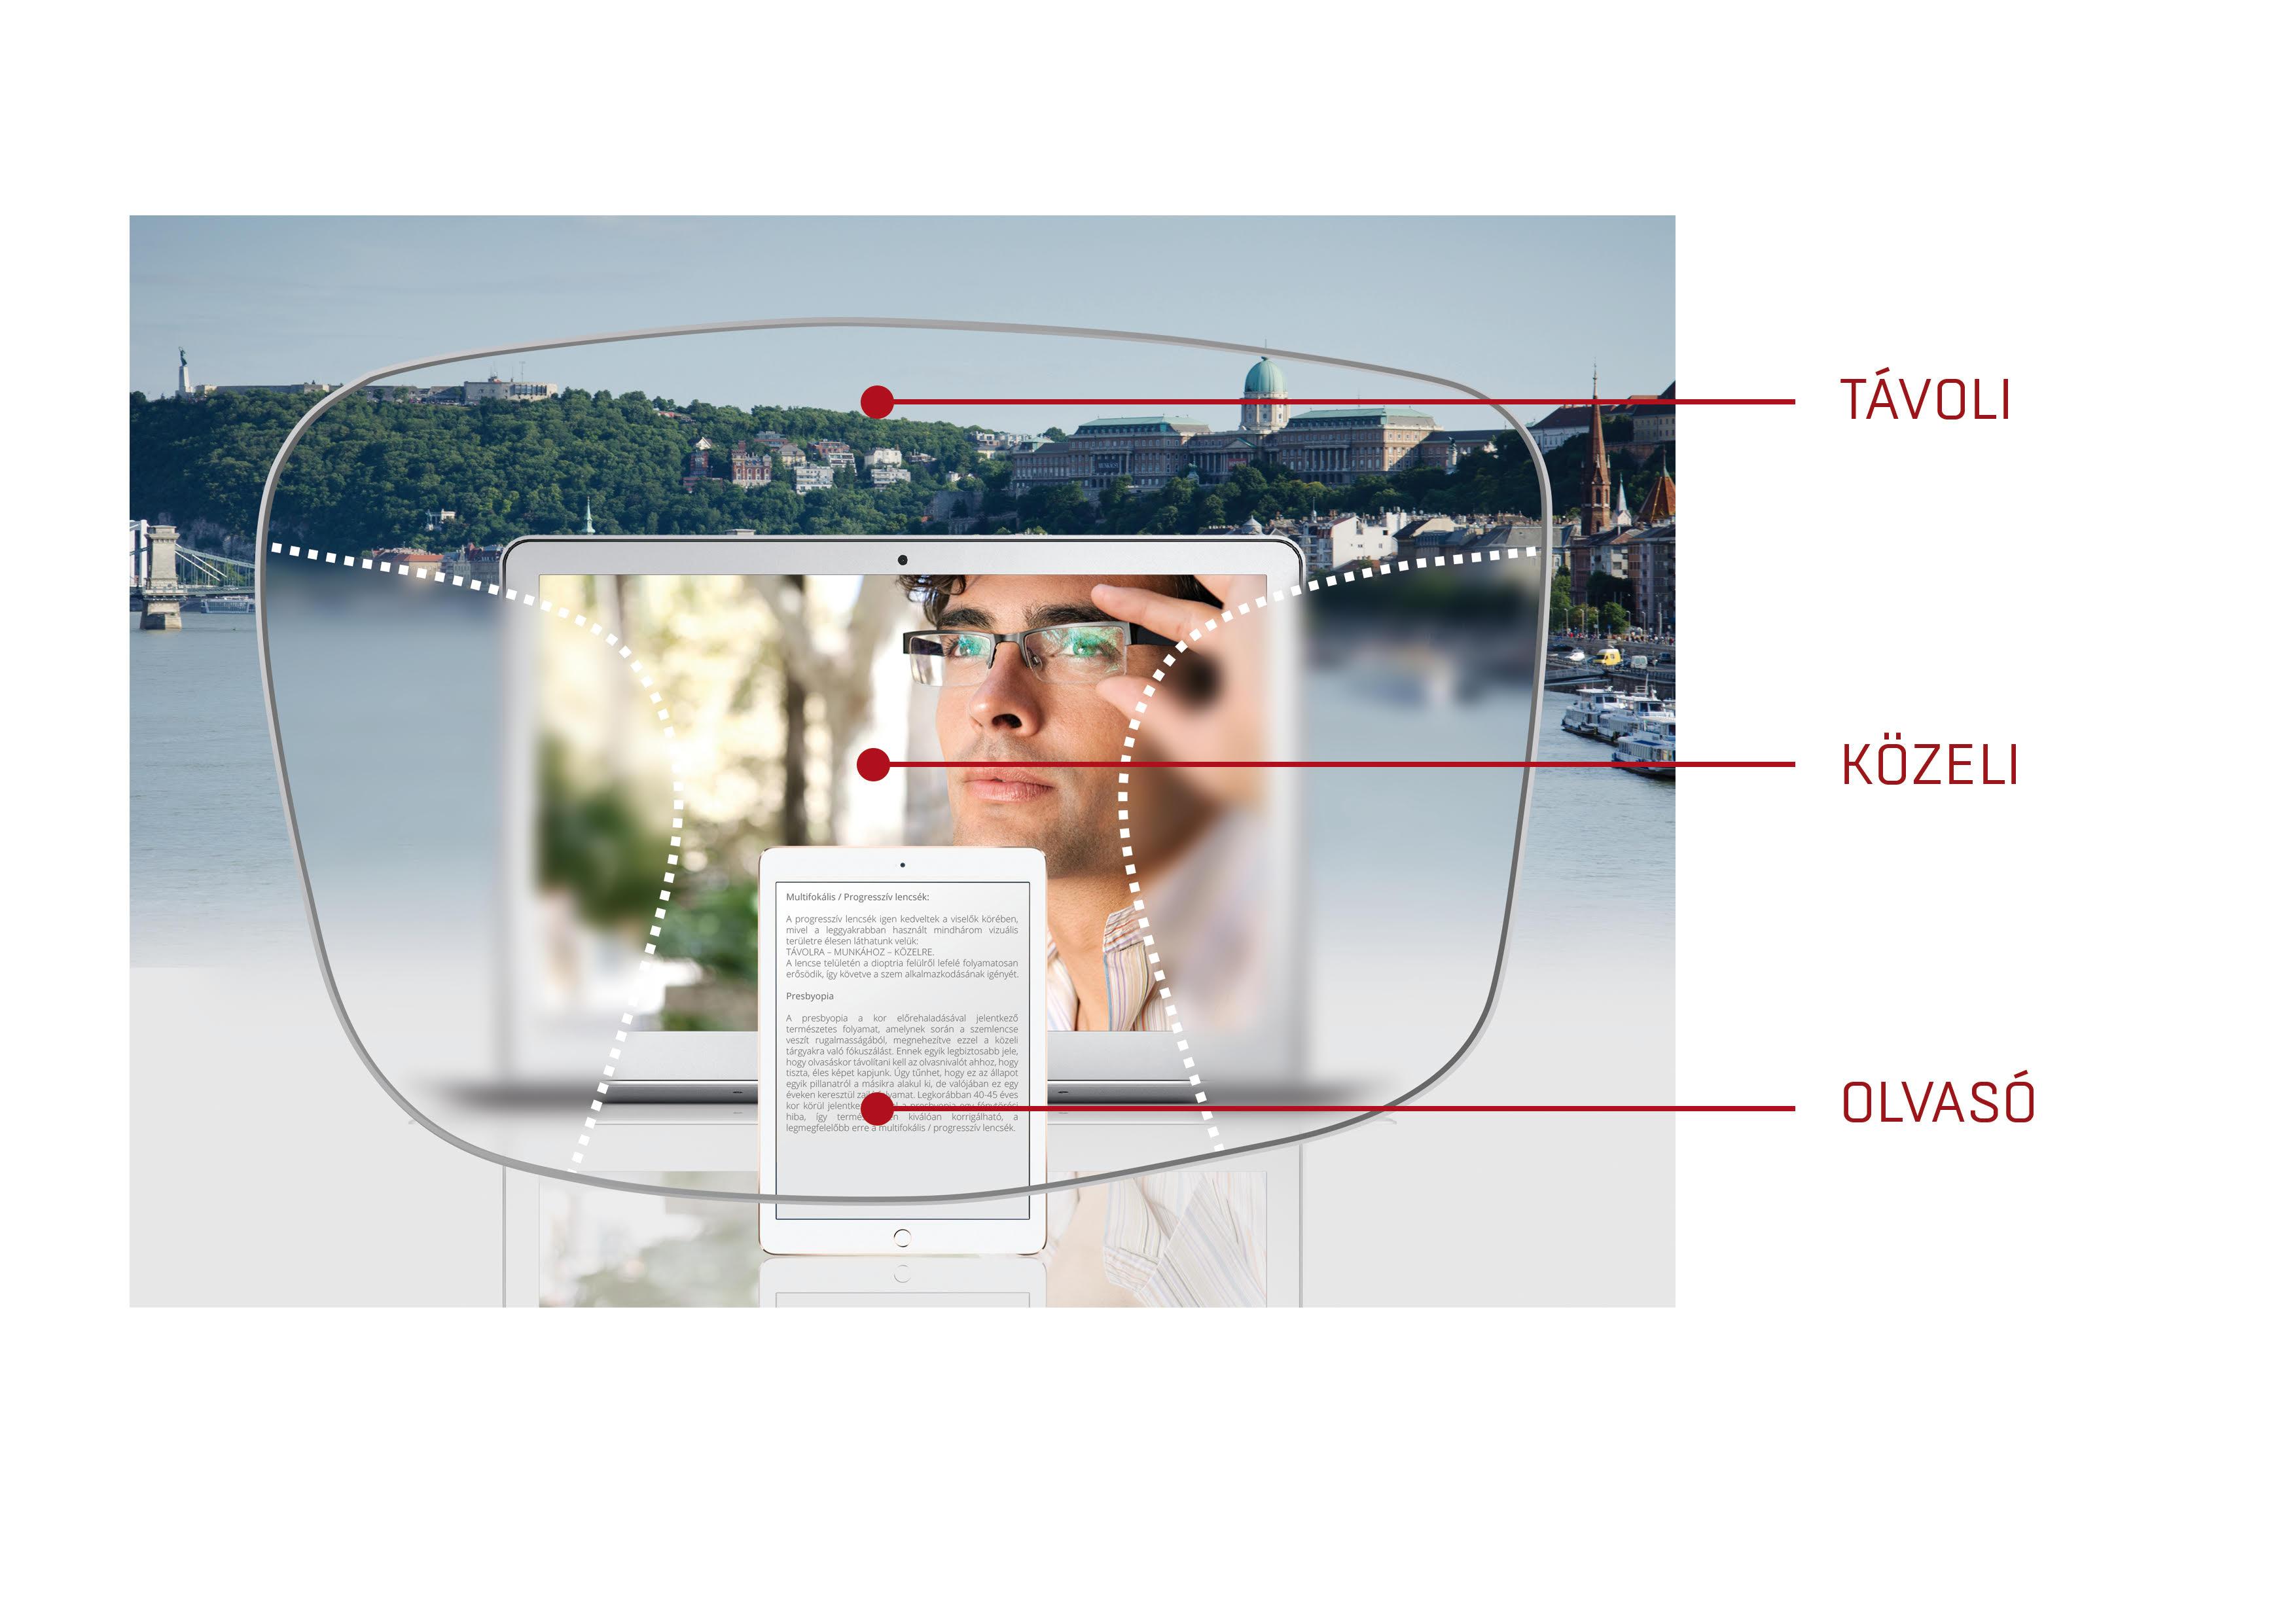 Lottica Szemvizsgáló Szalon - Megnyitottunk - Érintésmentes látásvizsgálat